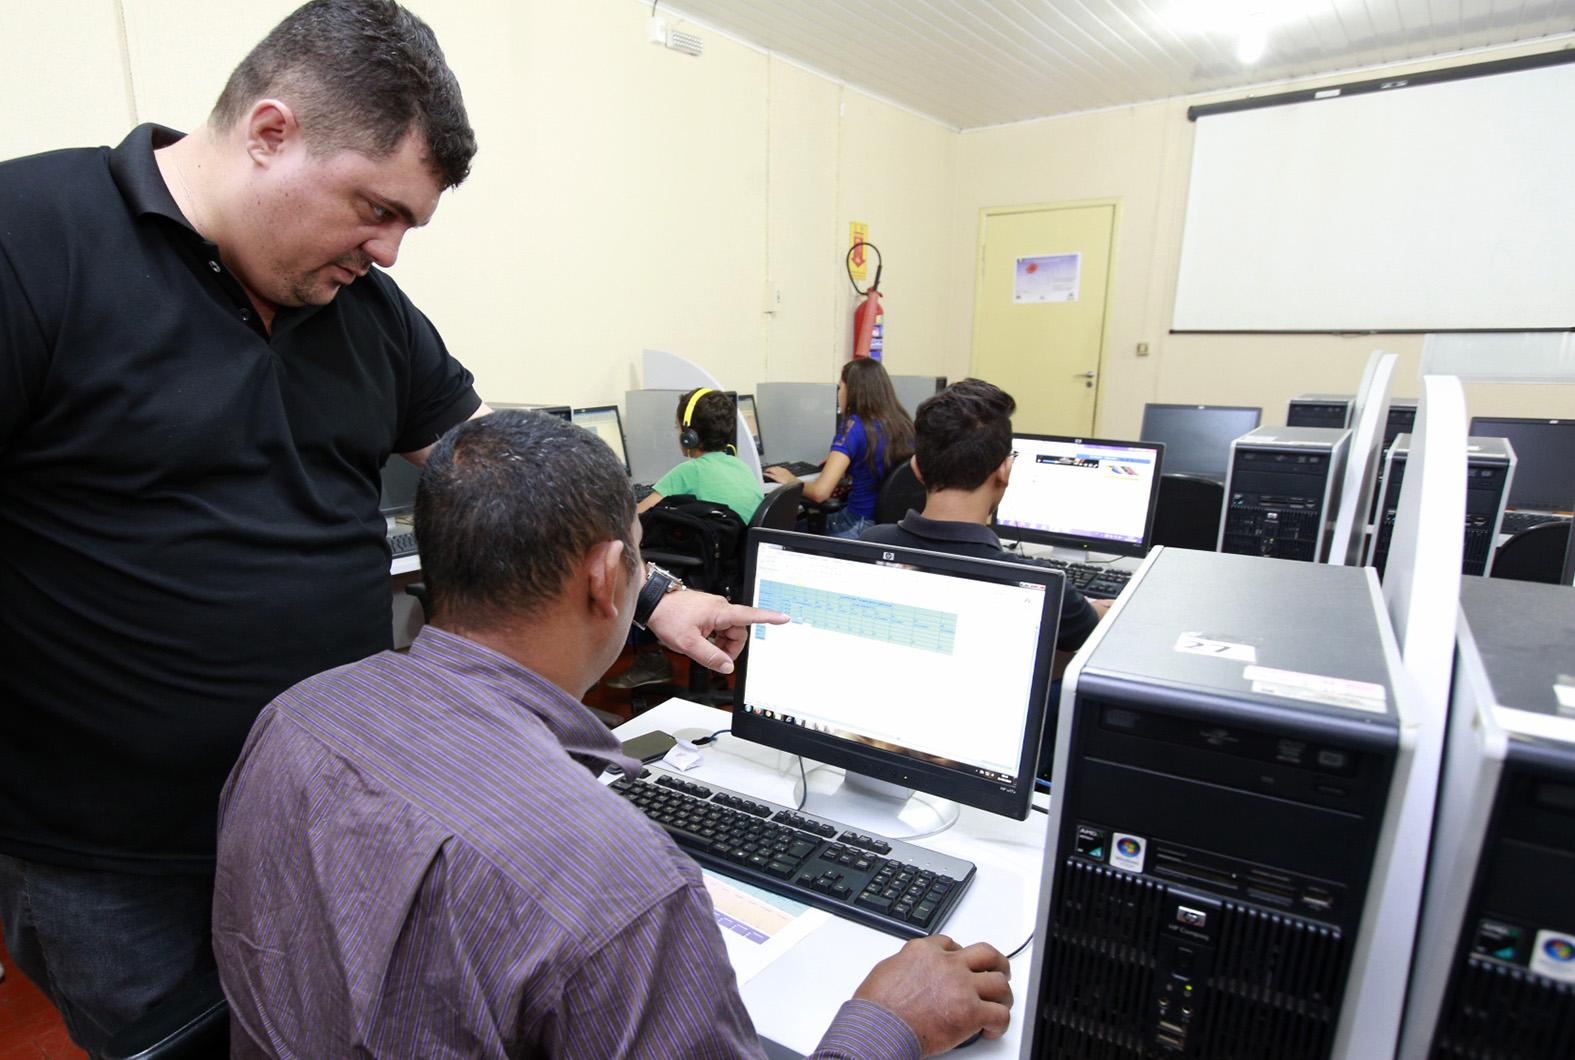 Cinco-cursos-da-Escola-do-Legislativo-iniciam-na-segunda-feira-21Mar16-Foto-Ana-C_lia-Decom-ALE-RO.jpg